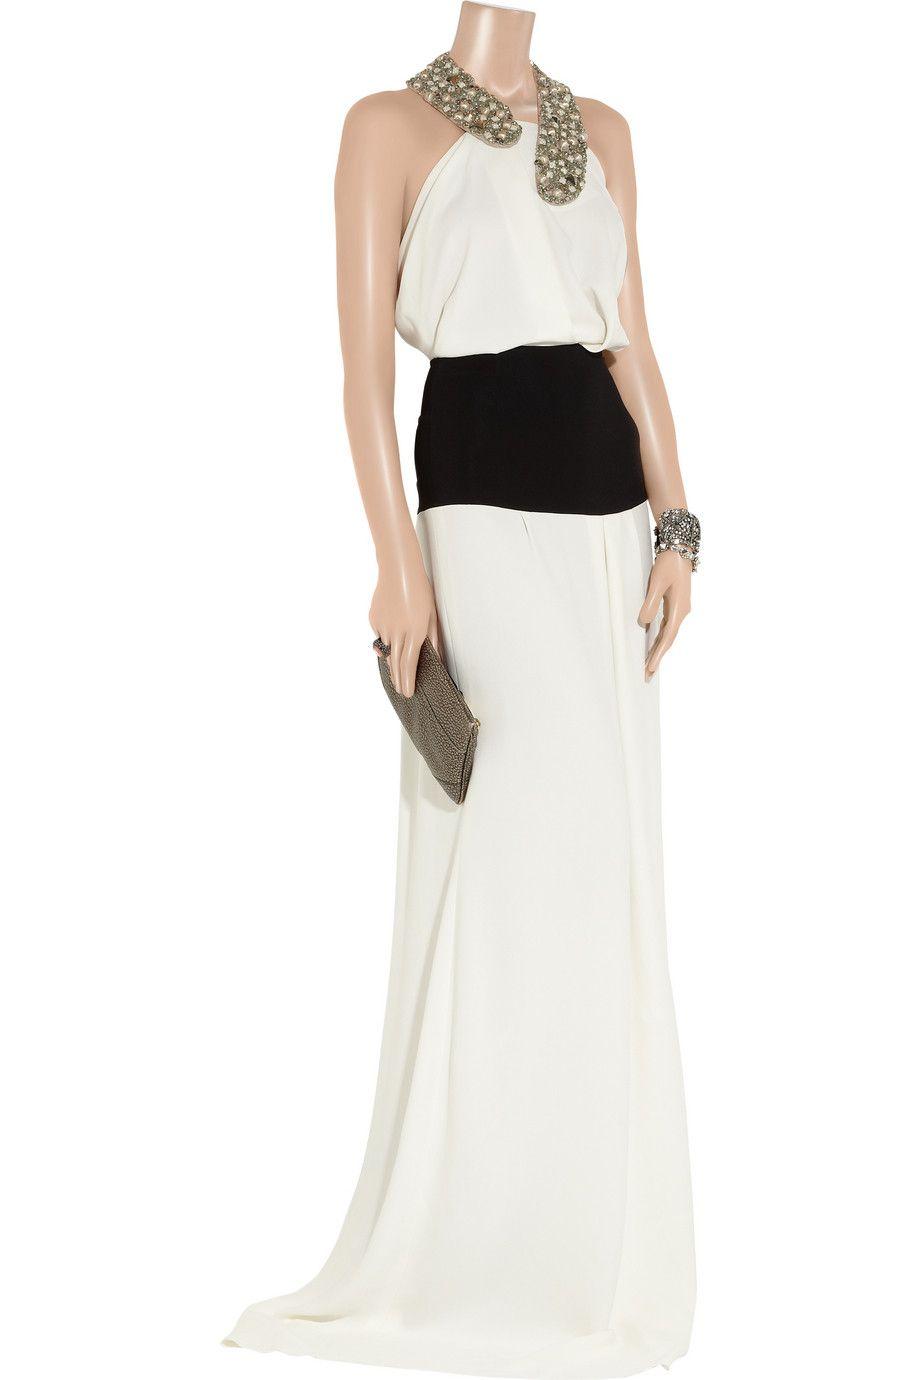 32++ Victoria beckham wedding dress designer information